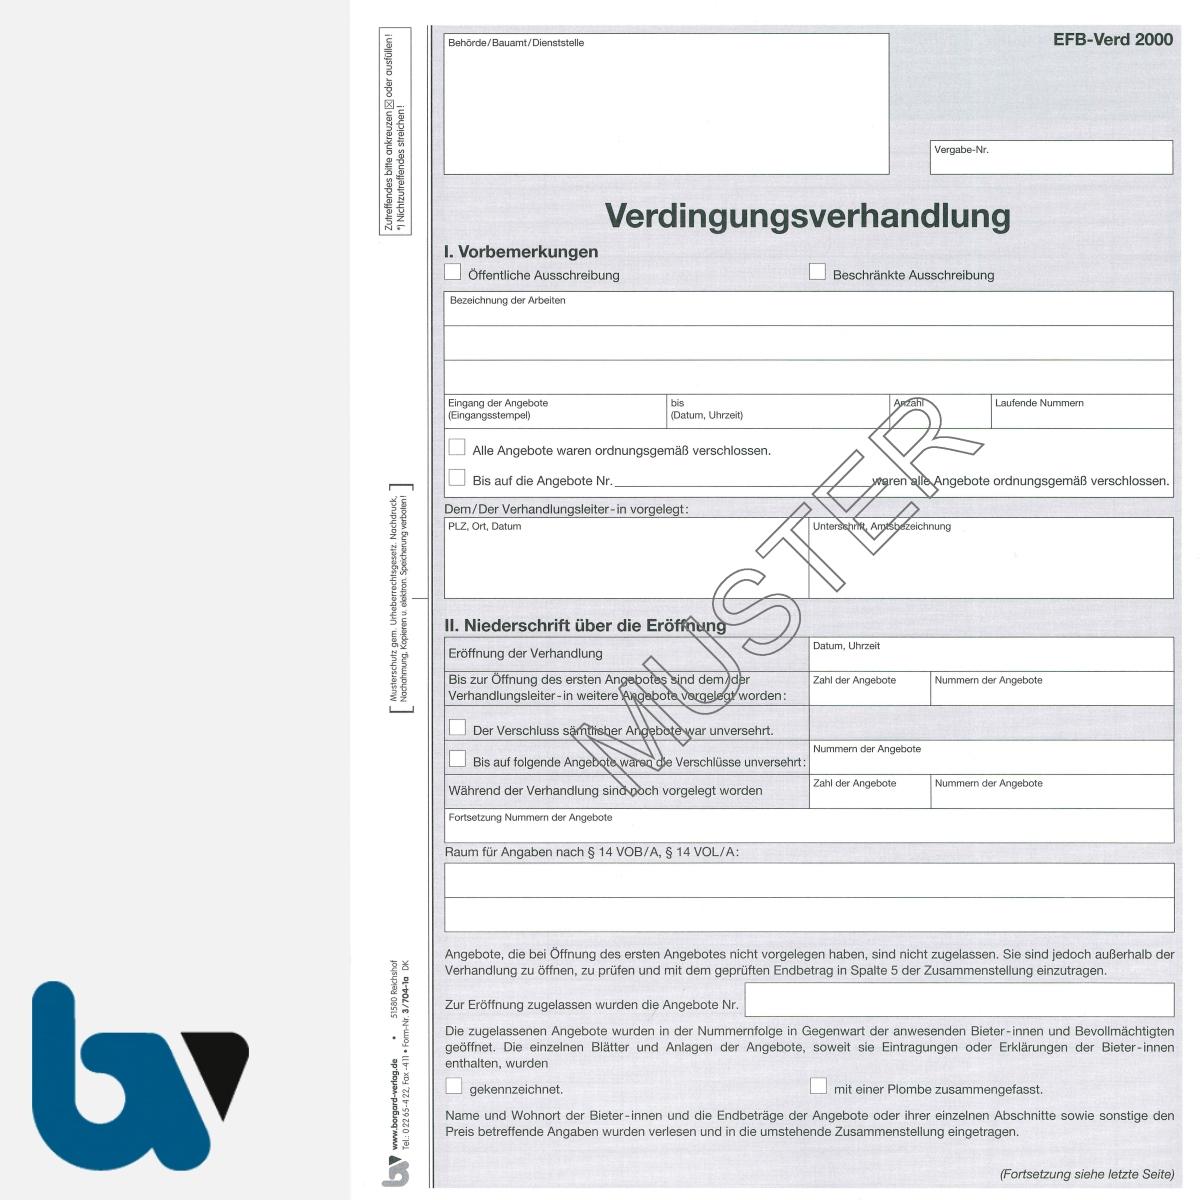 3/704-1a Verdingungsverhandlung Niederschrift Ausschreibung Submission VOB VOL Doppelbogen DIN A4 Seite 1 | Borgard Verlag GmbH